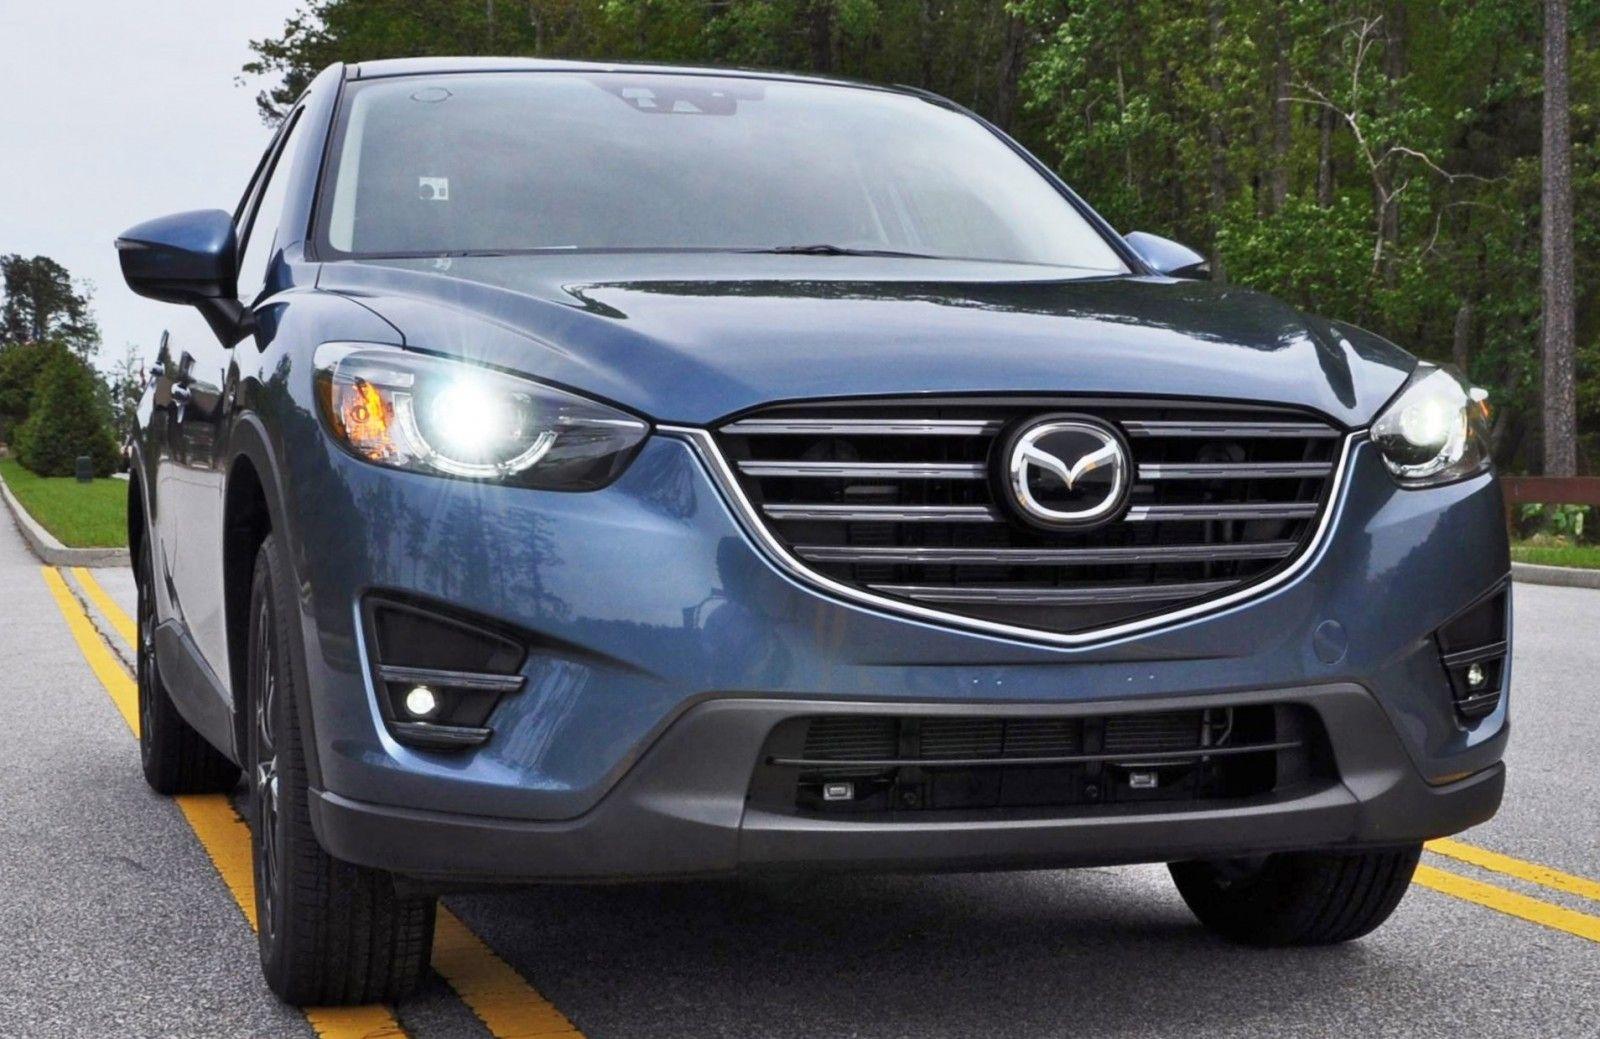 2016 Mazda CX5 Review Mazda, Bmw, Audi q3